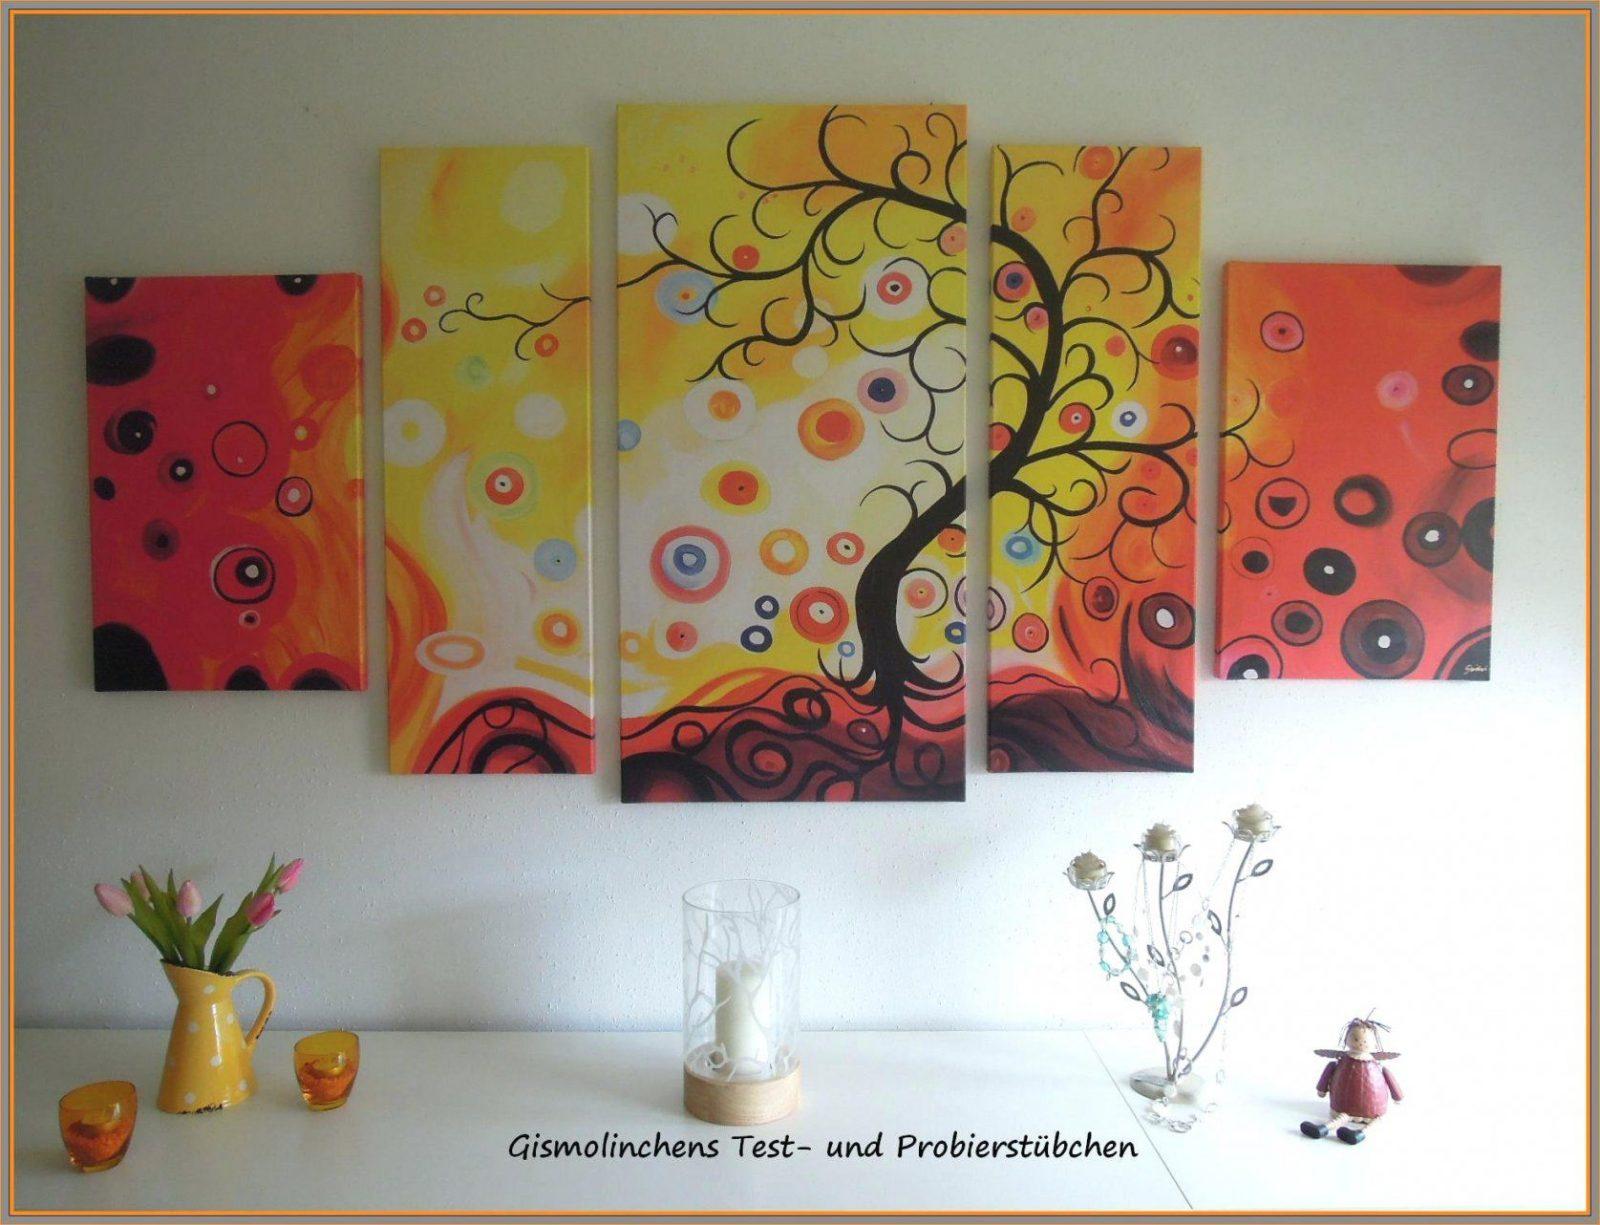 Moderne Bilder Selber Malen Mit Keilrahmen Deko Idee Bescheiden von Moderne Bilder Selber Malen Photo